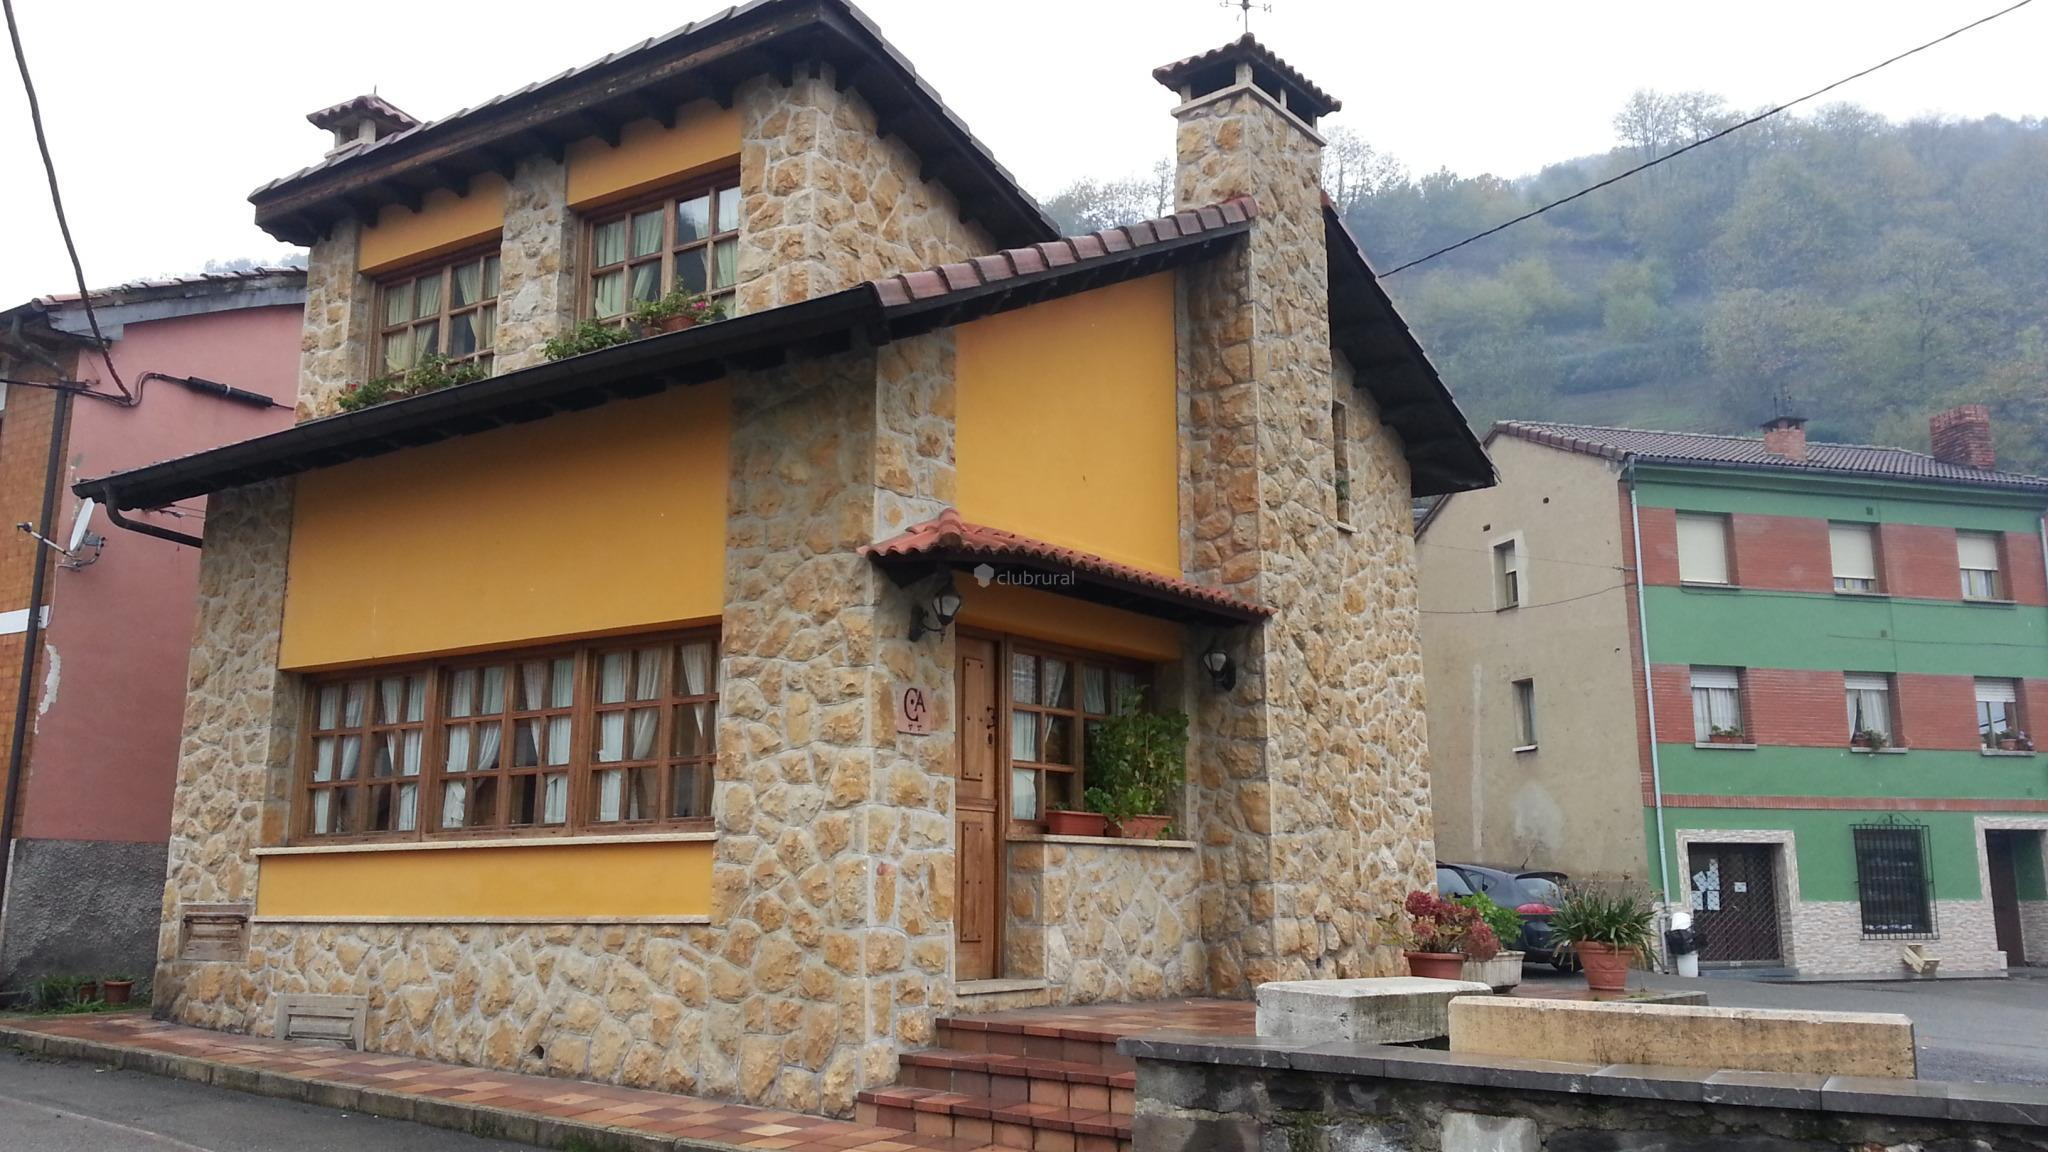 Fotos de el corralon asturias aller clubrural for Casa rural con chimenea asturias